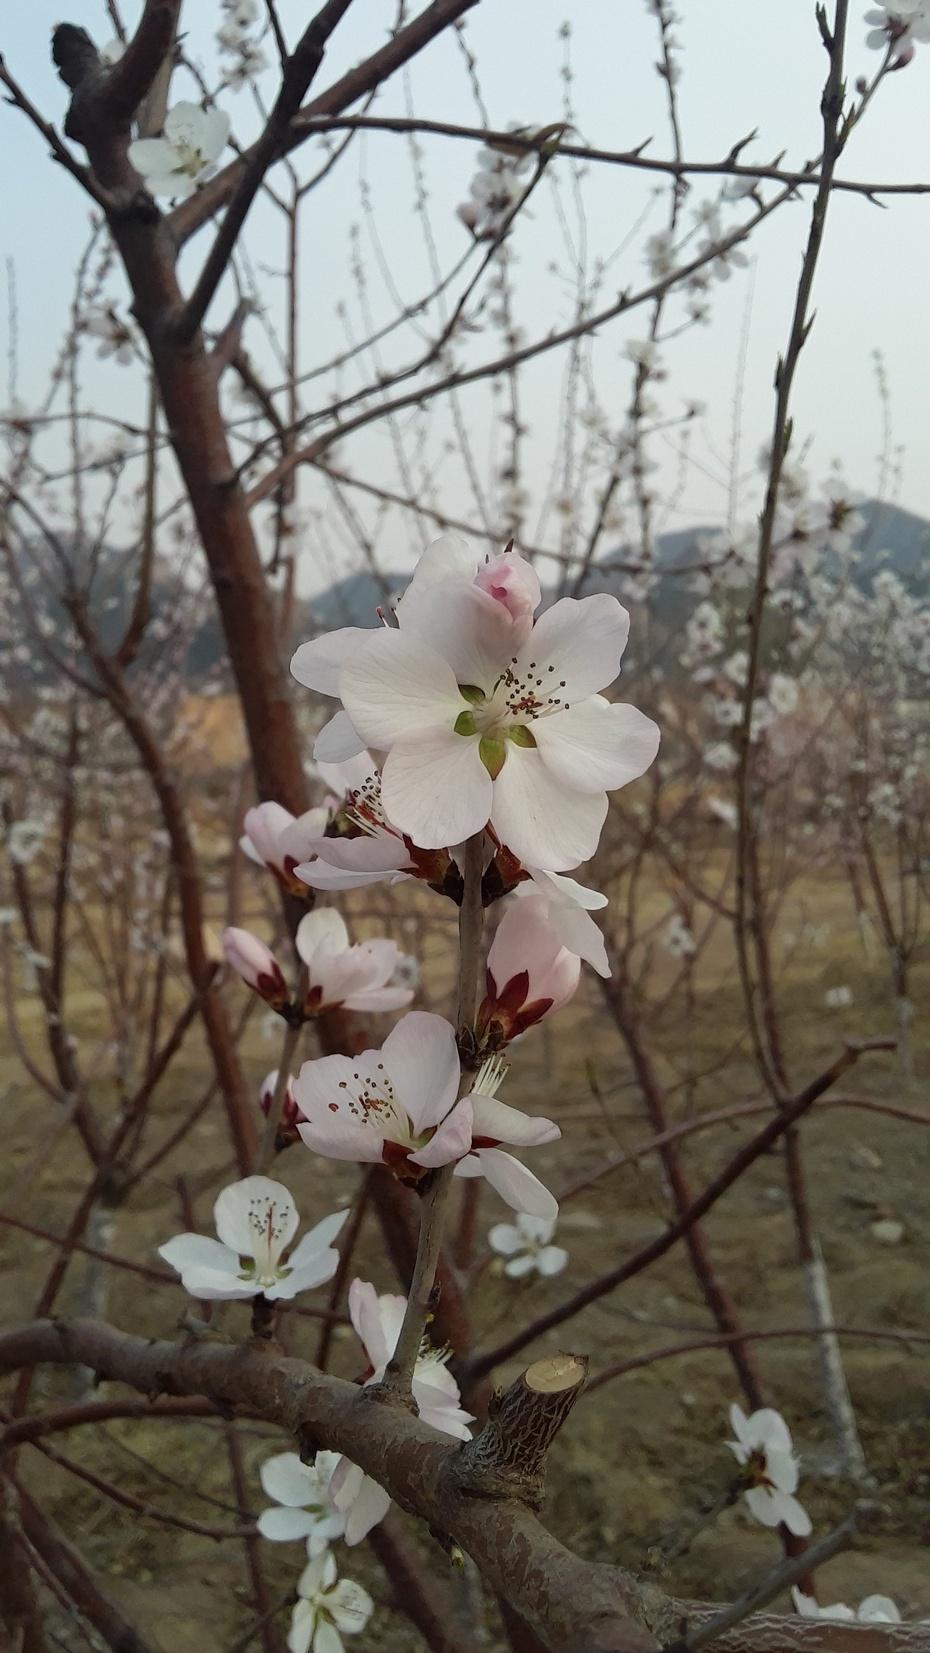 那花儿开得正艳 - 淡淡云 - 淡淡云